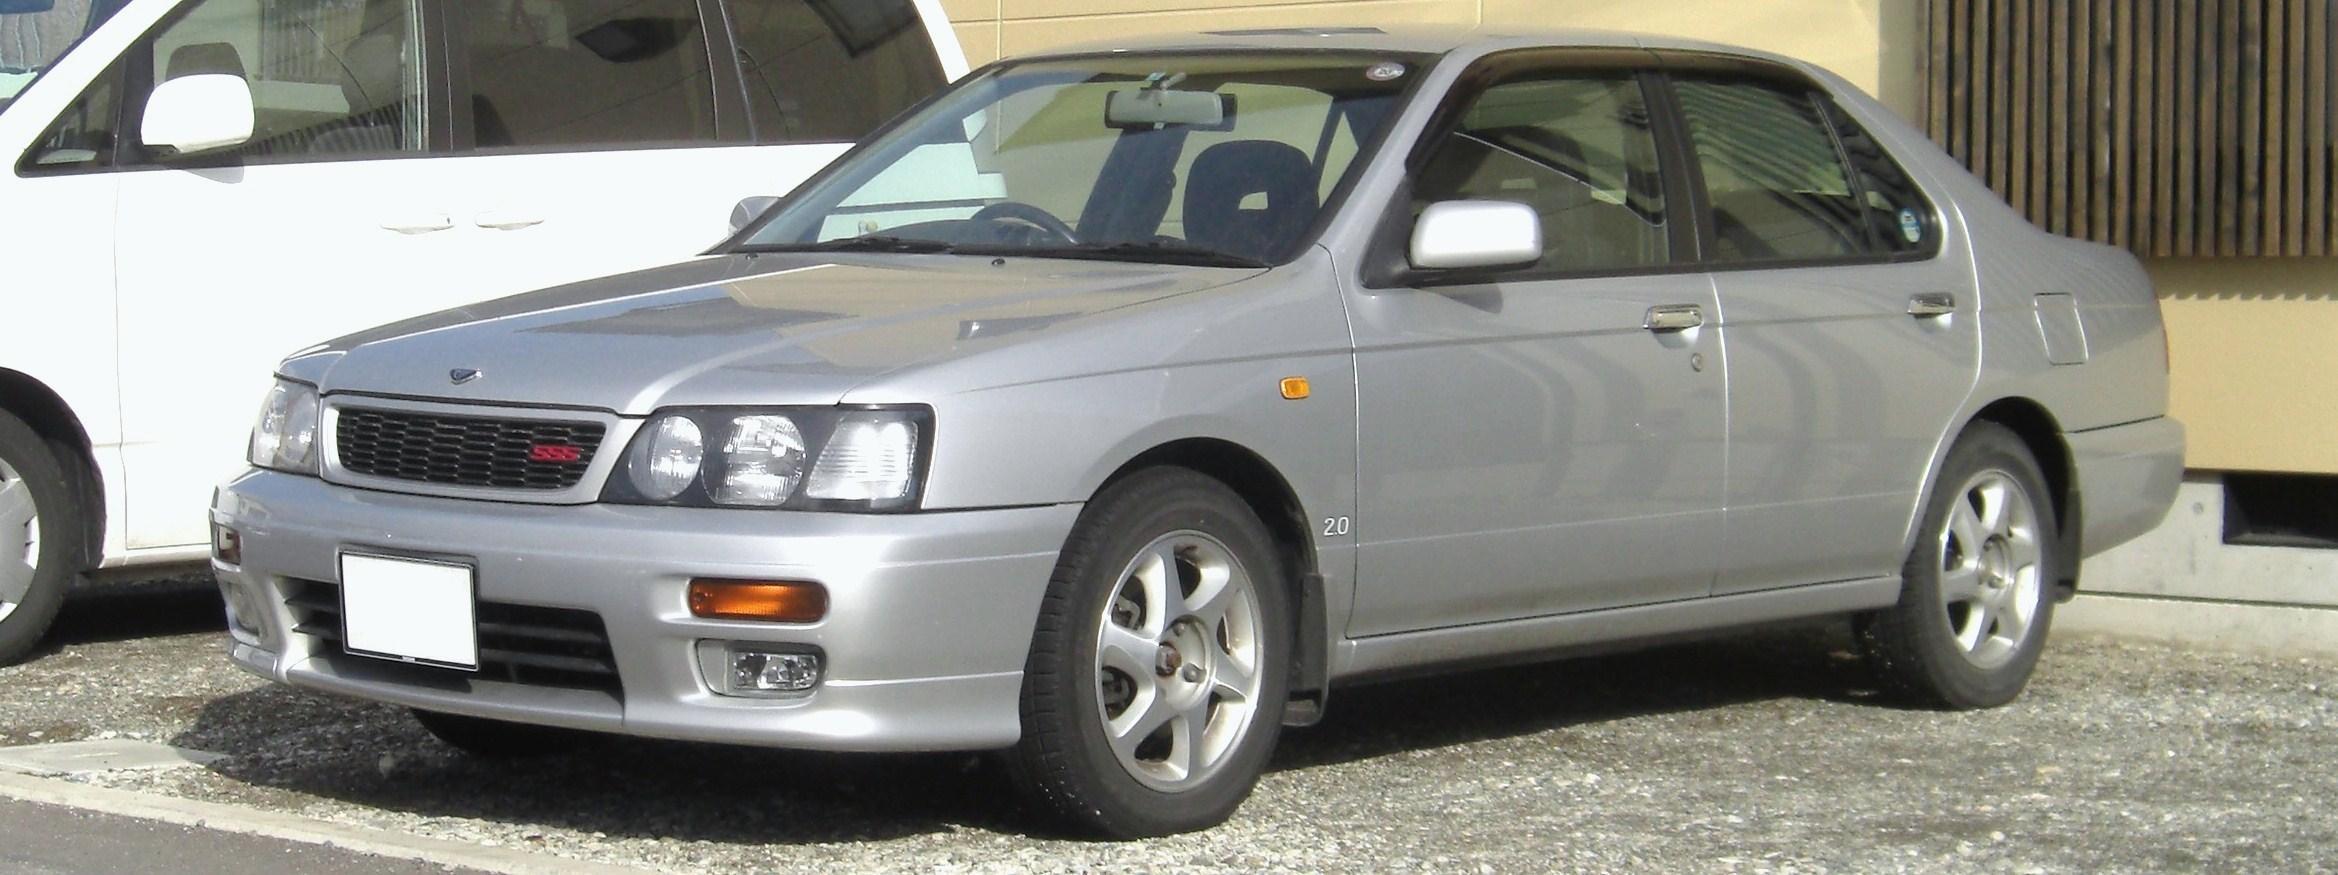 Nissan Bluebird XI (U14) 1996 - 2001 Sedan #2